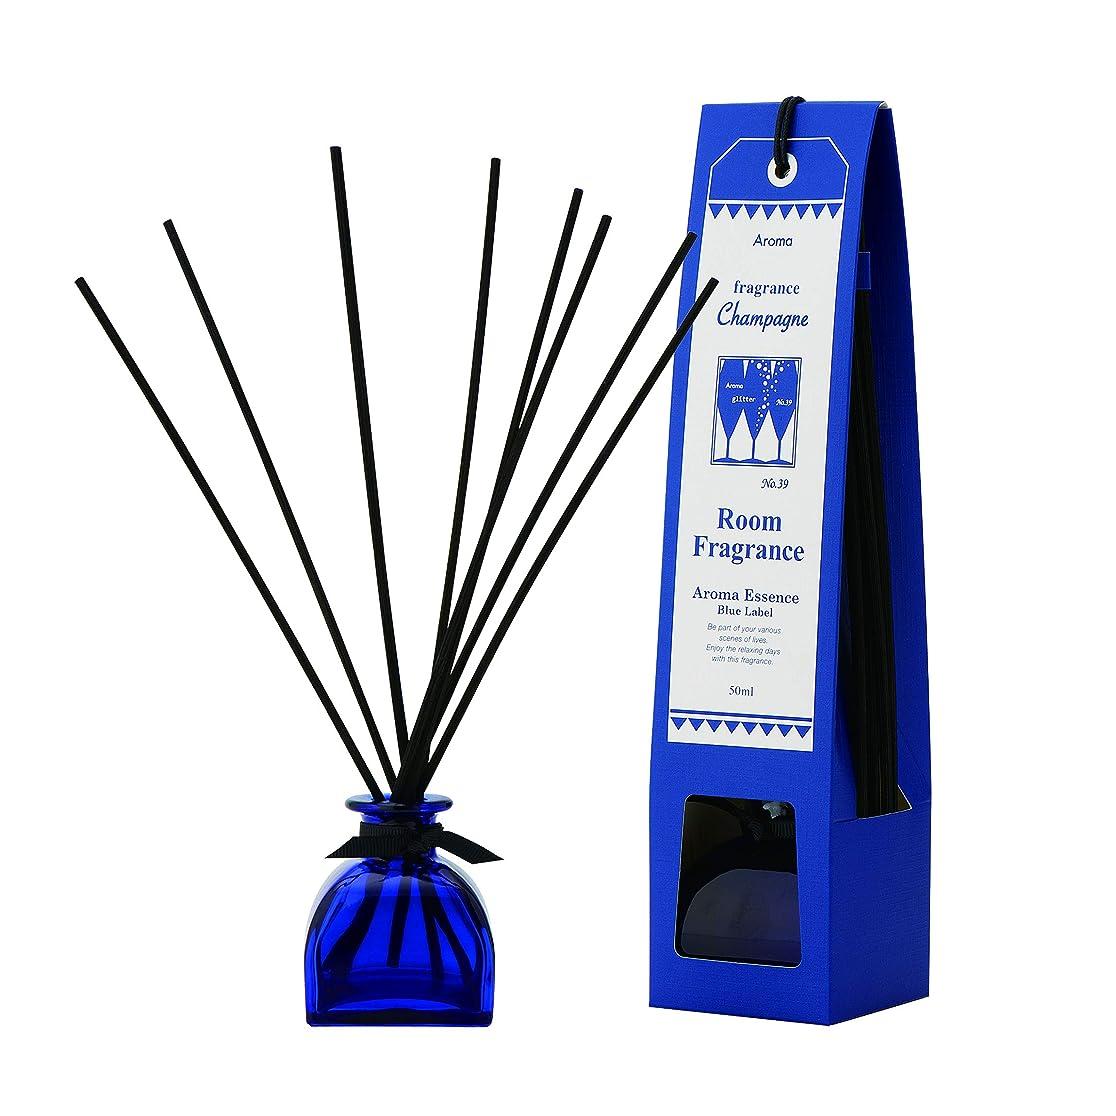 オリエンタル形鳴り響くブルーラベル ルームフレグランス シャンパン 50ml(芳香剤 リードディフューザー フルーティーですっきりとした香り)